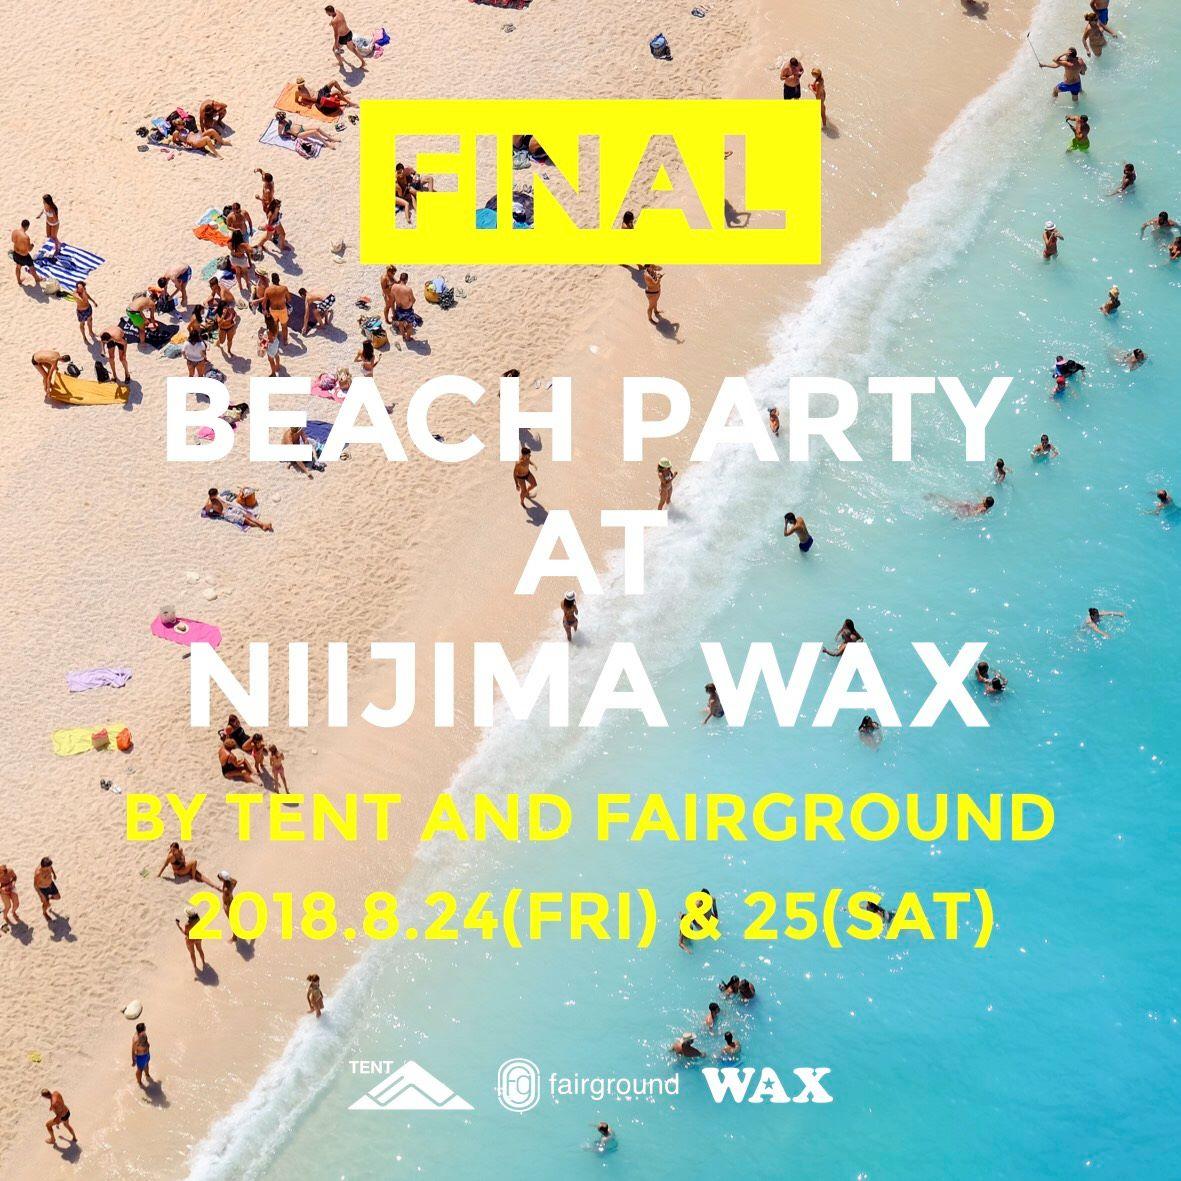 2018.08.24-25【TENT x fairground】 2018 @ 新島WAX